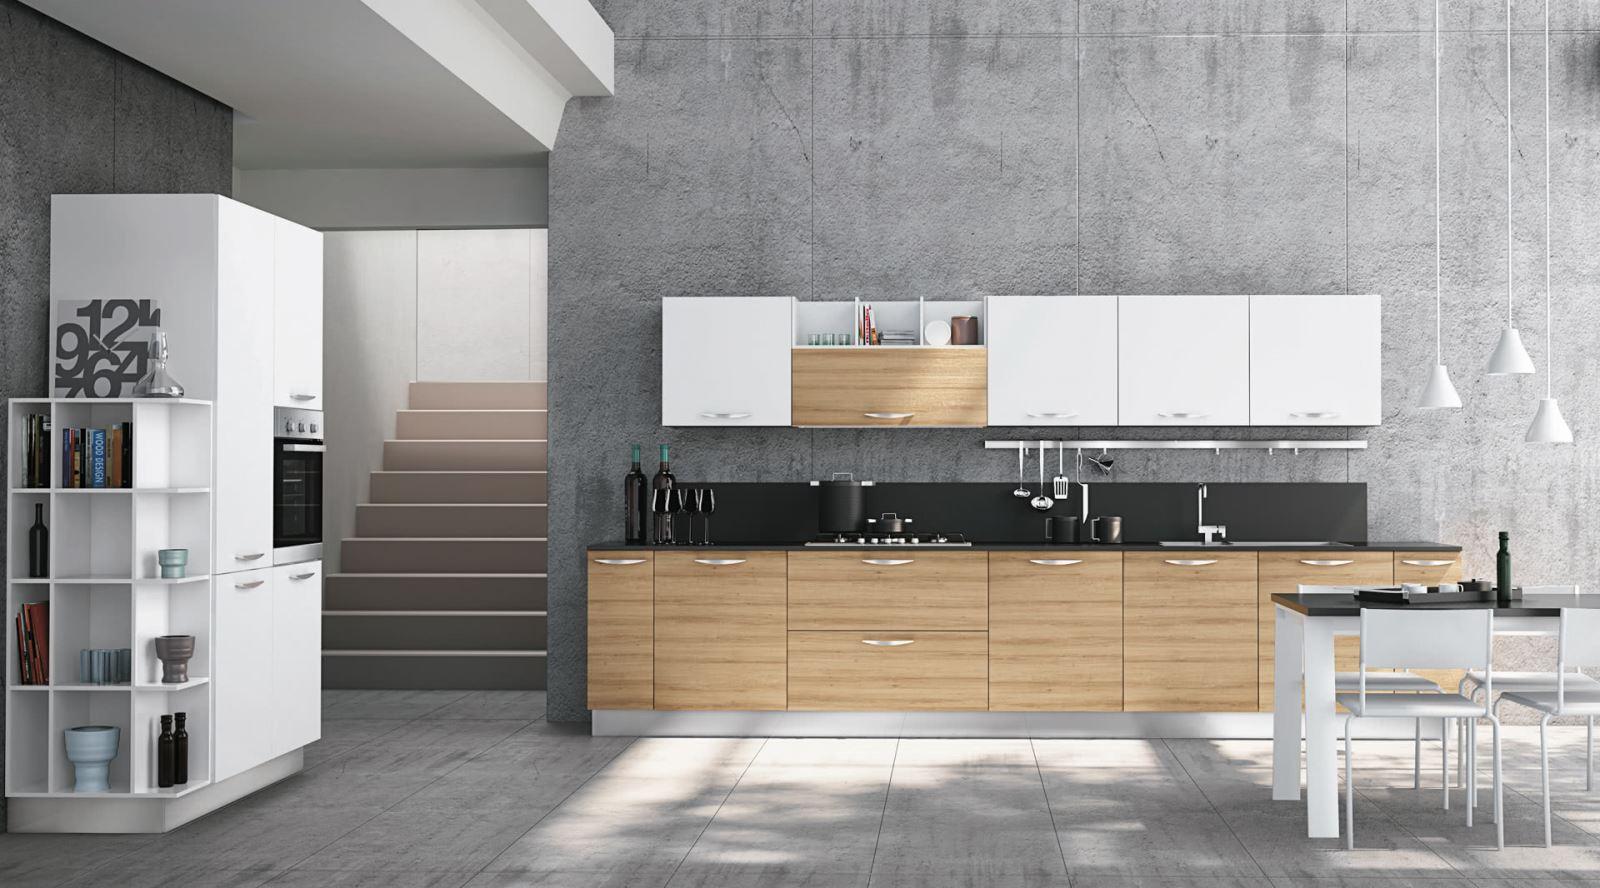 Cucine Creo Lube Opinioni cucine lube: una scelta di stile